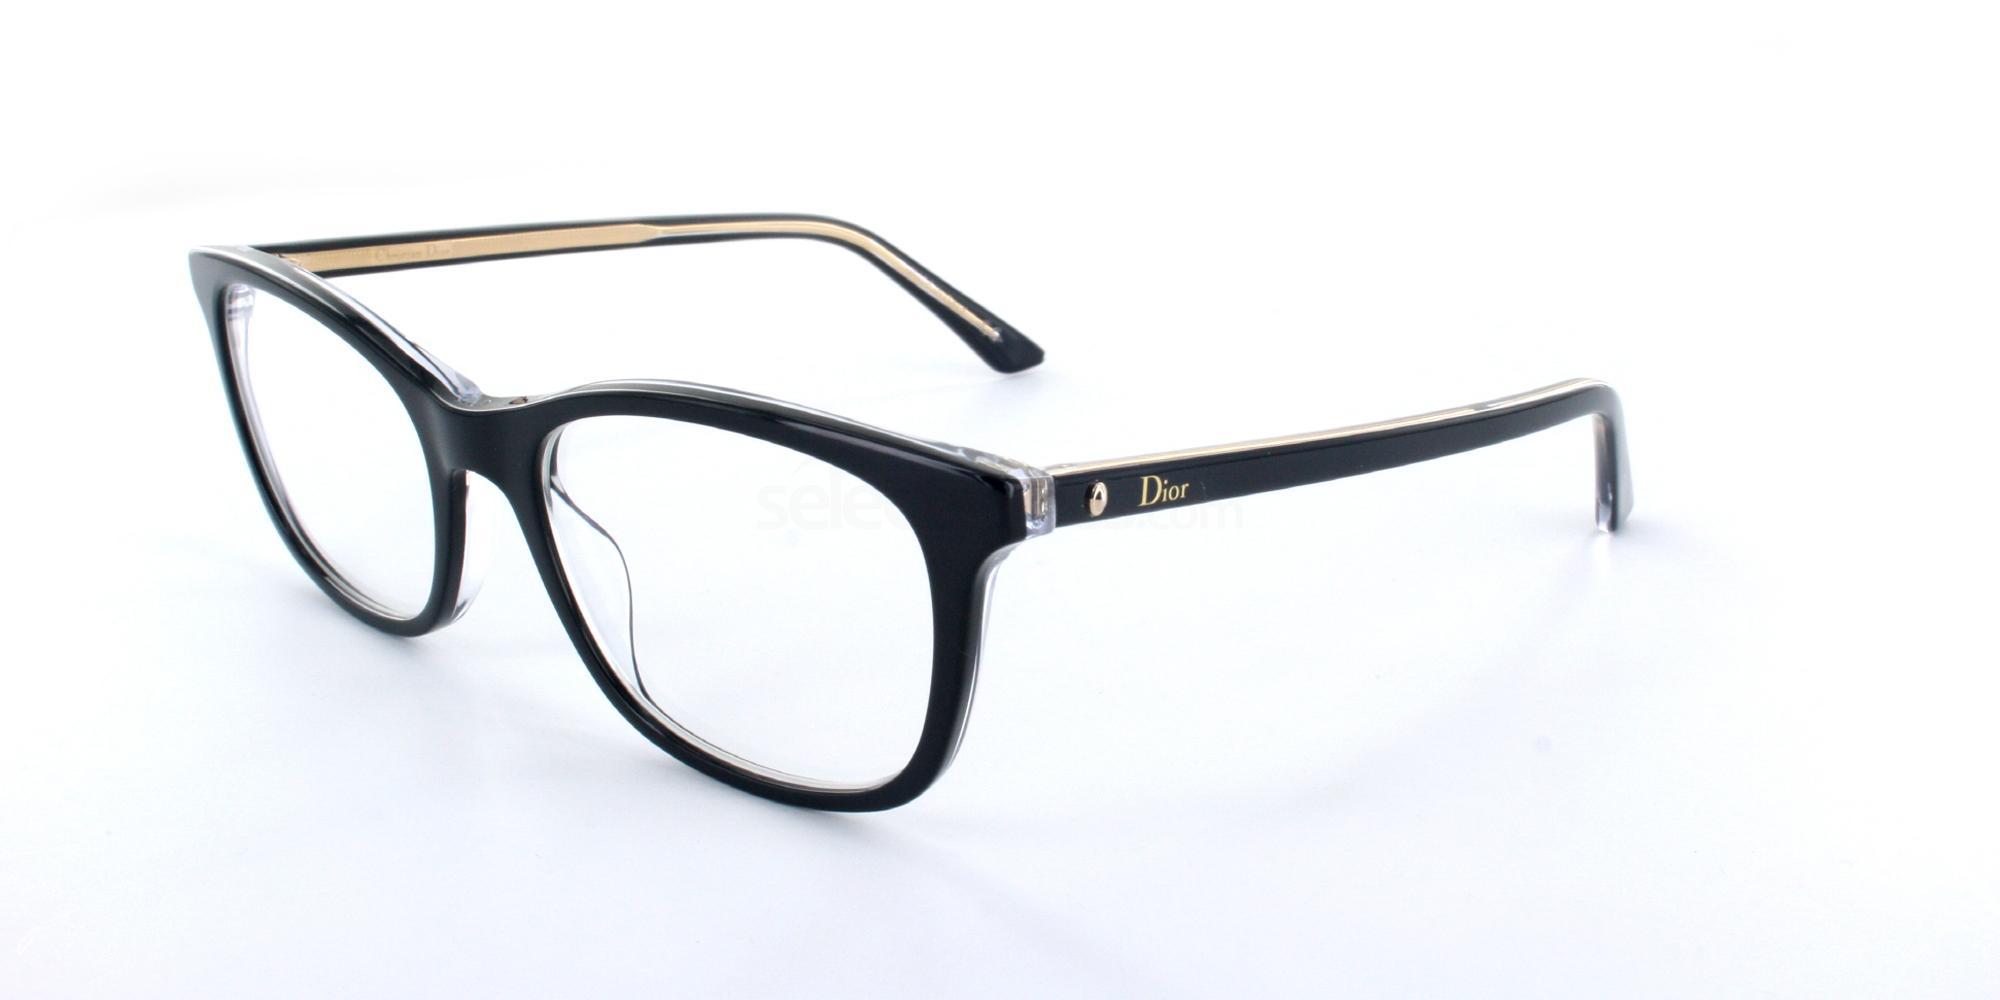 G99 MONTAIGNE18 Glasses, Dior